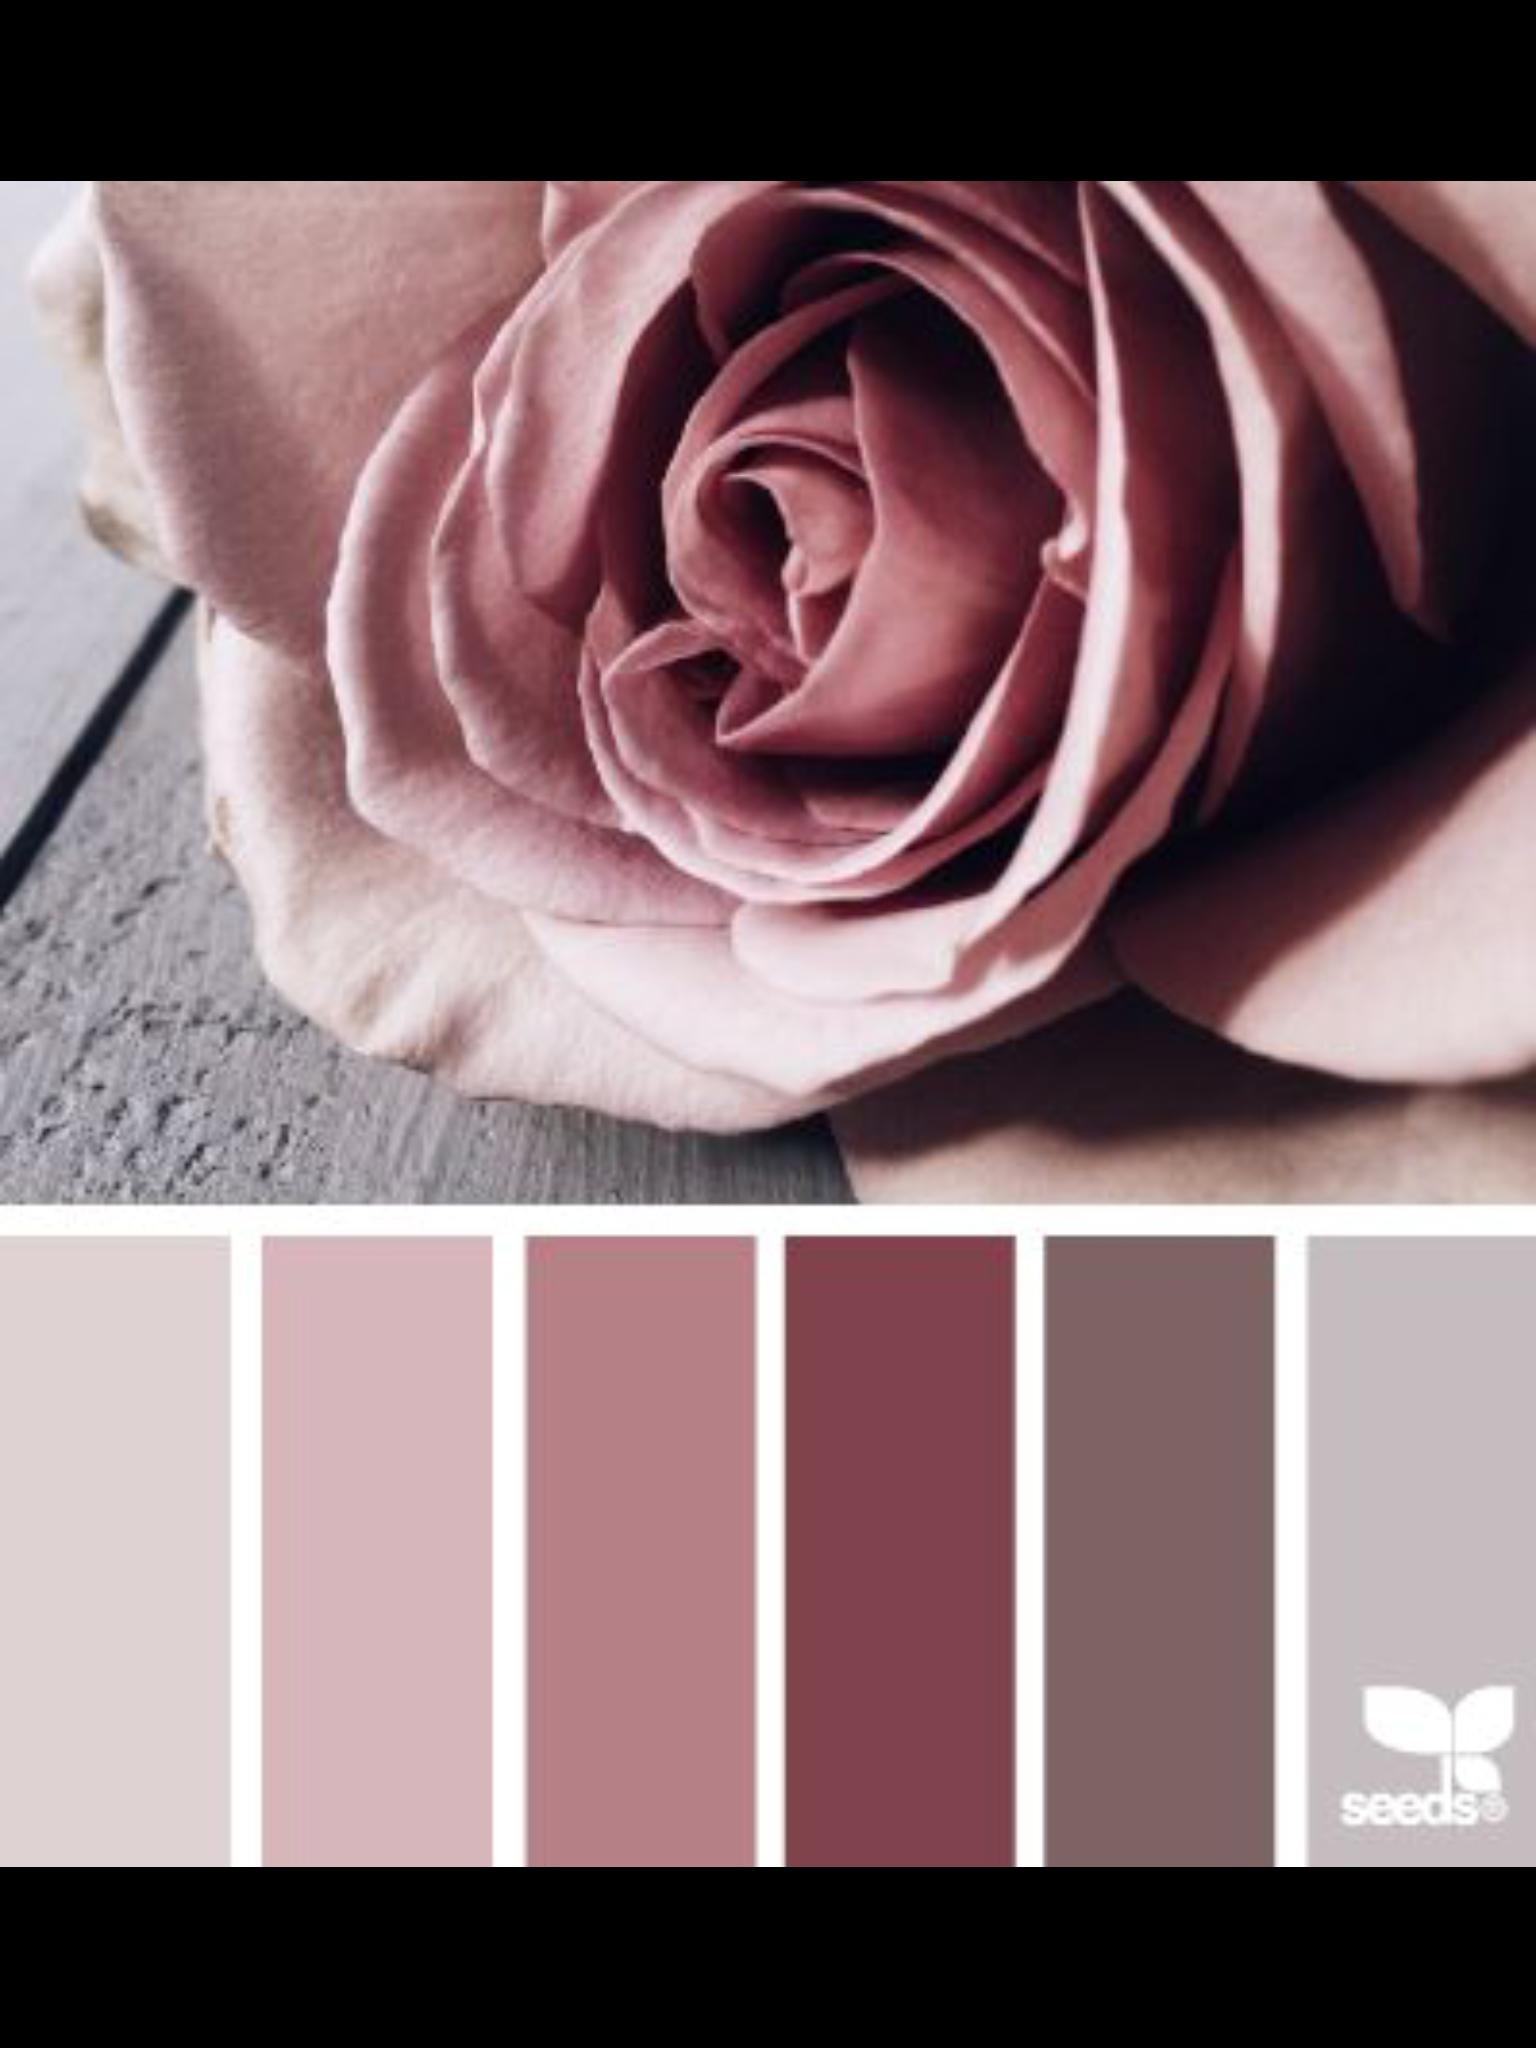 Sammlung, Farben, Magazin, Rund Ums Haus, Blumen, Runde, Farbschemata, Farb  Kombis, Schlafzimmer Farbpaletten